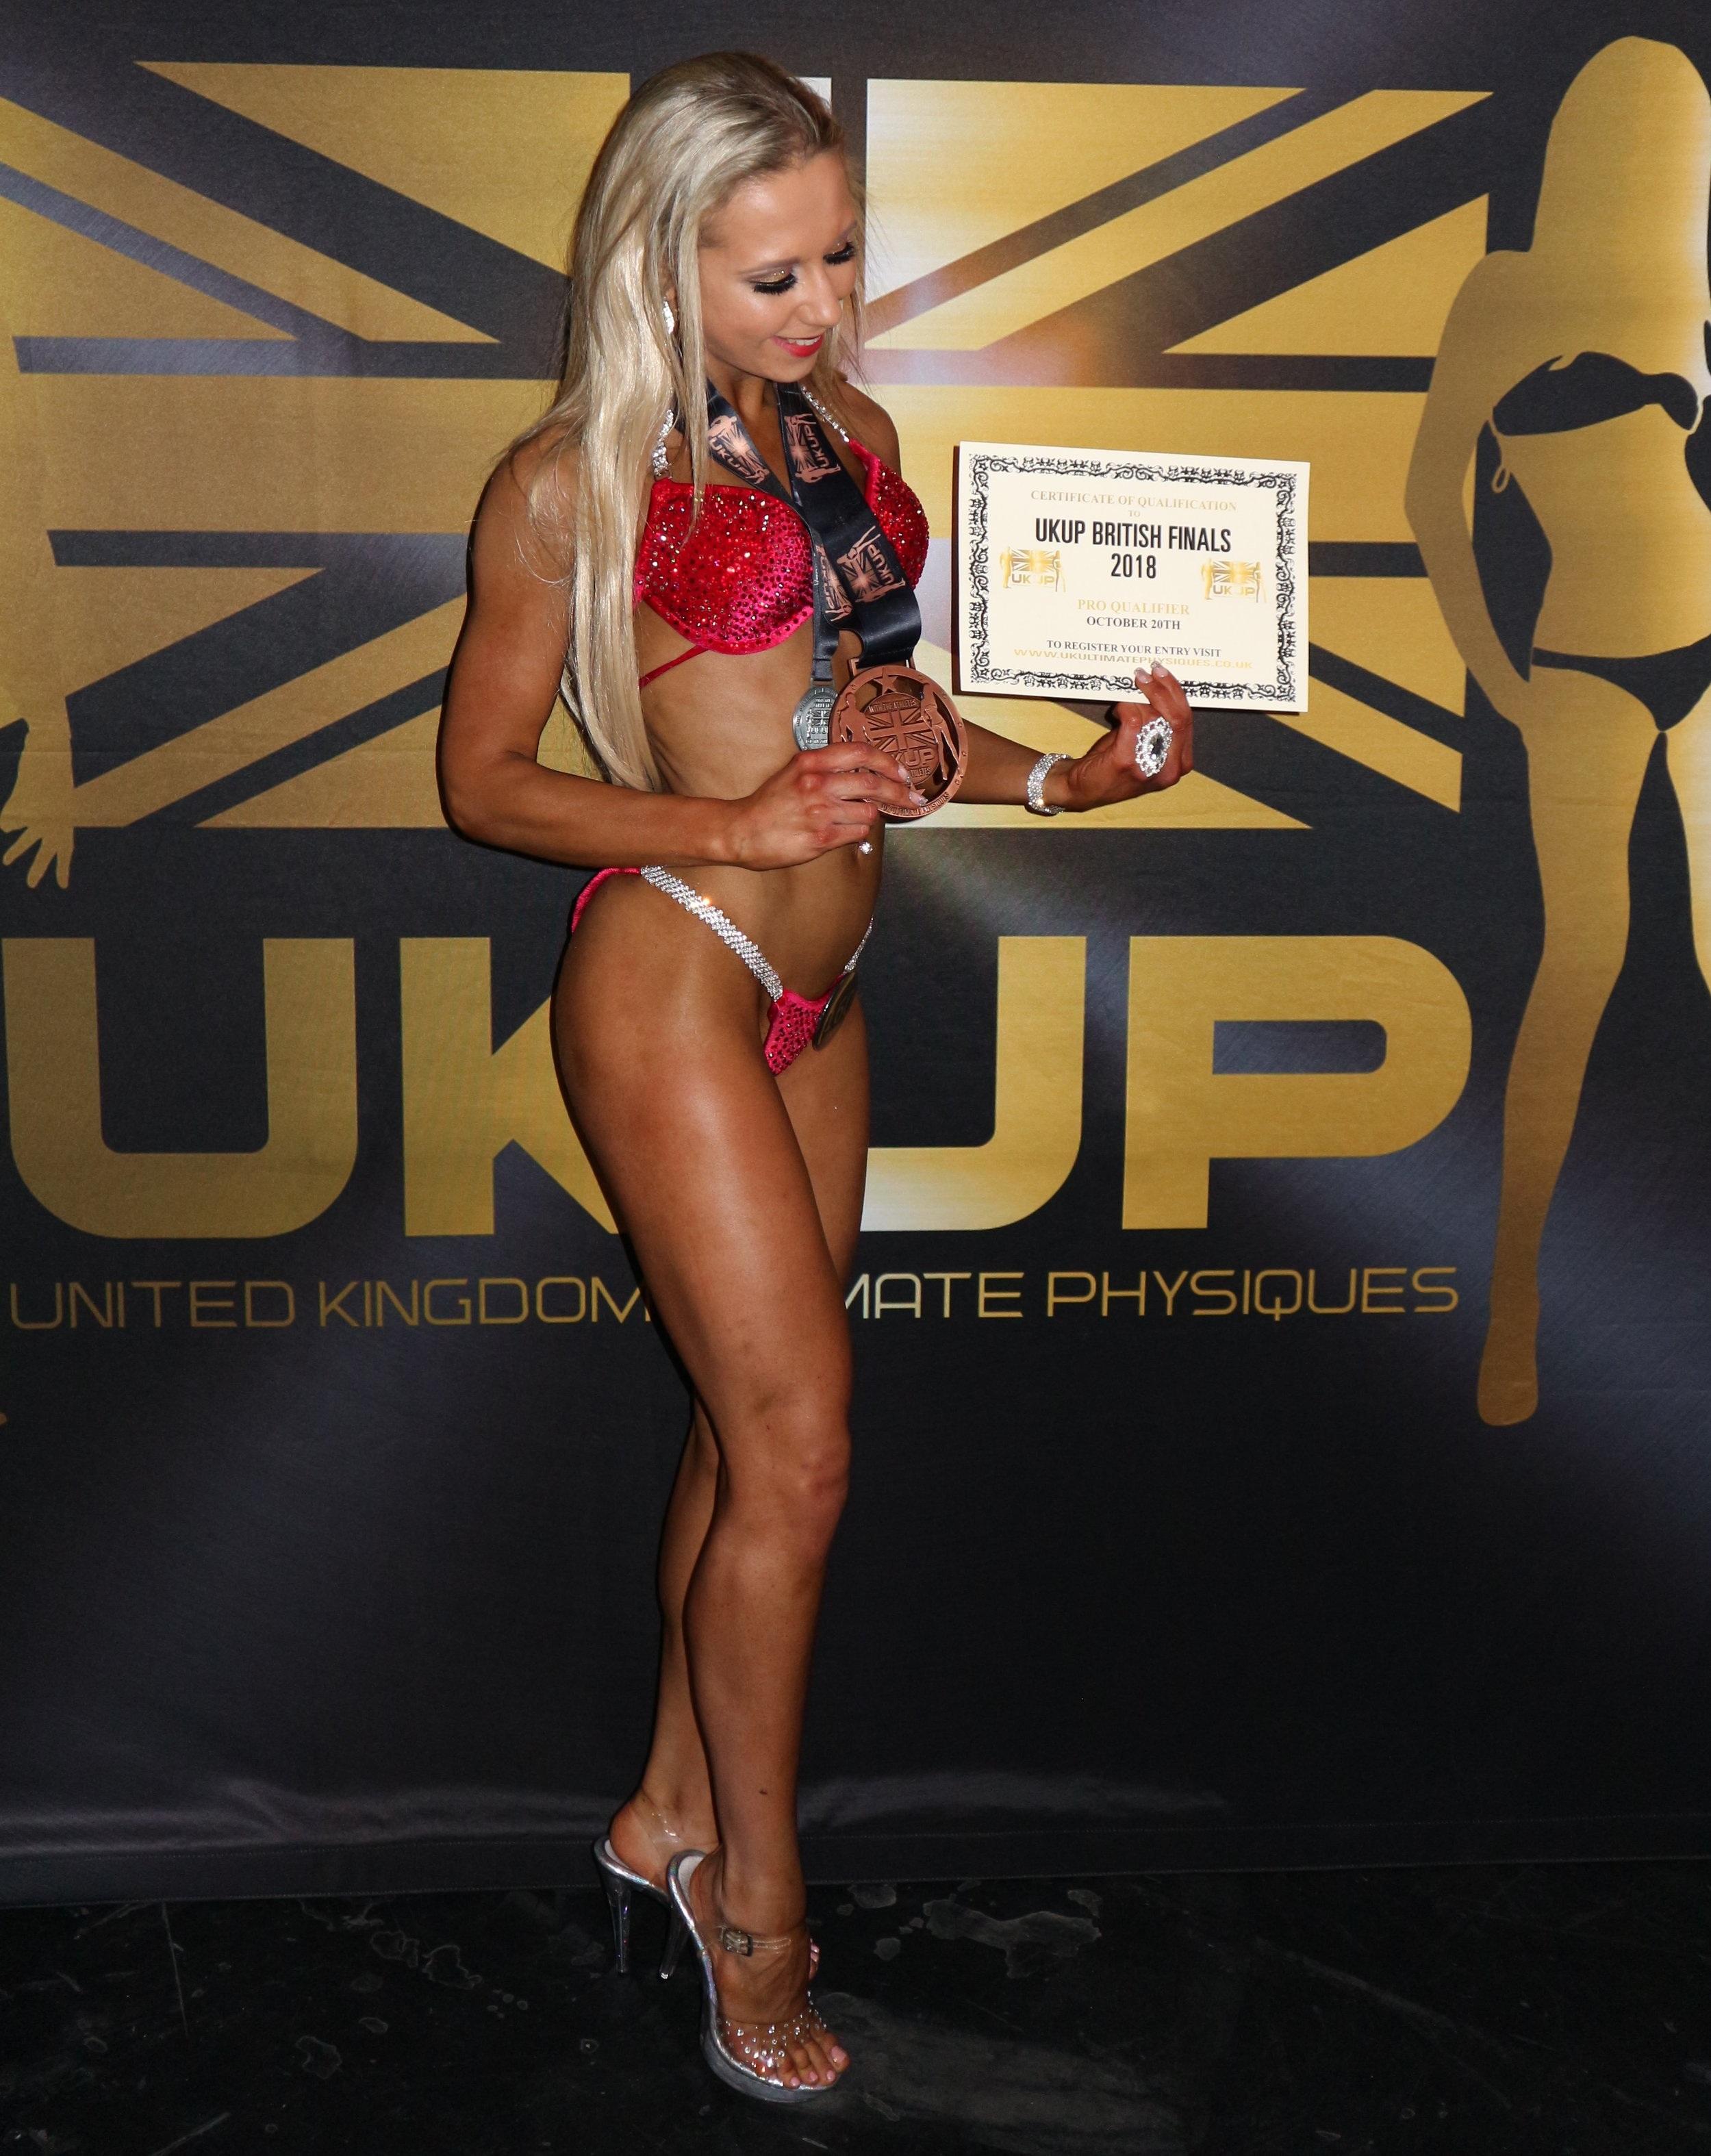 UKUP Bikini Competitor Bodypower